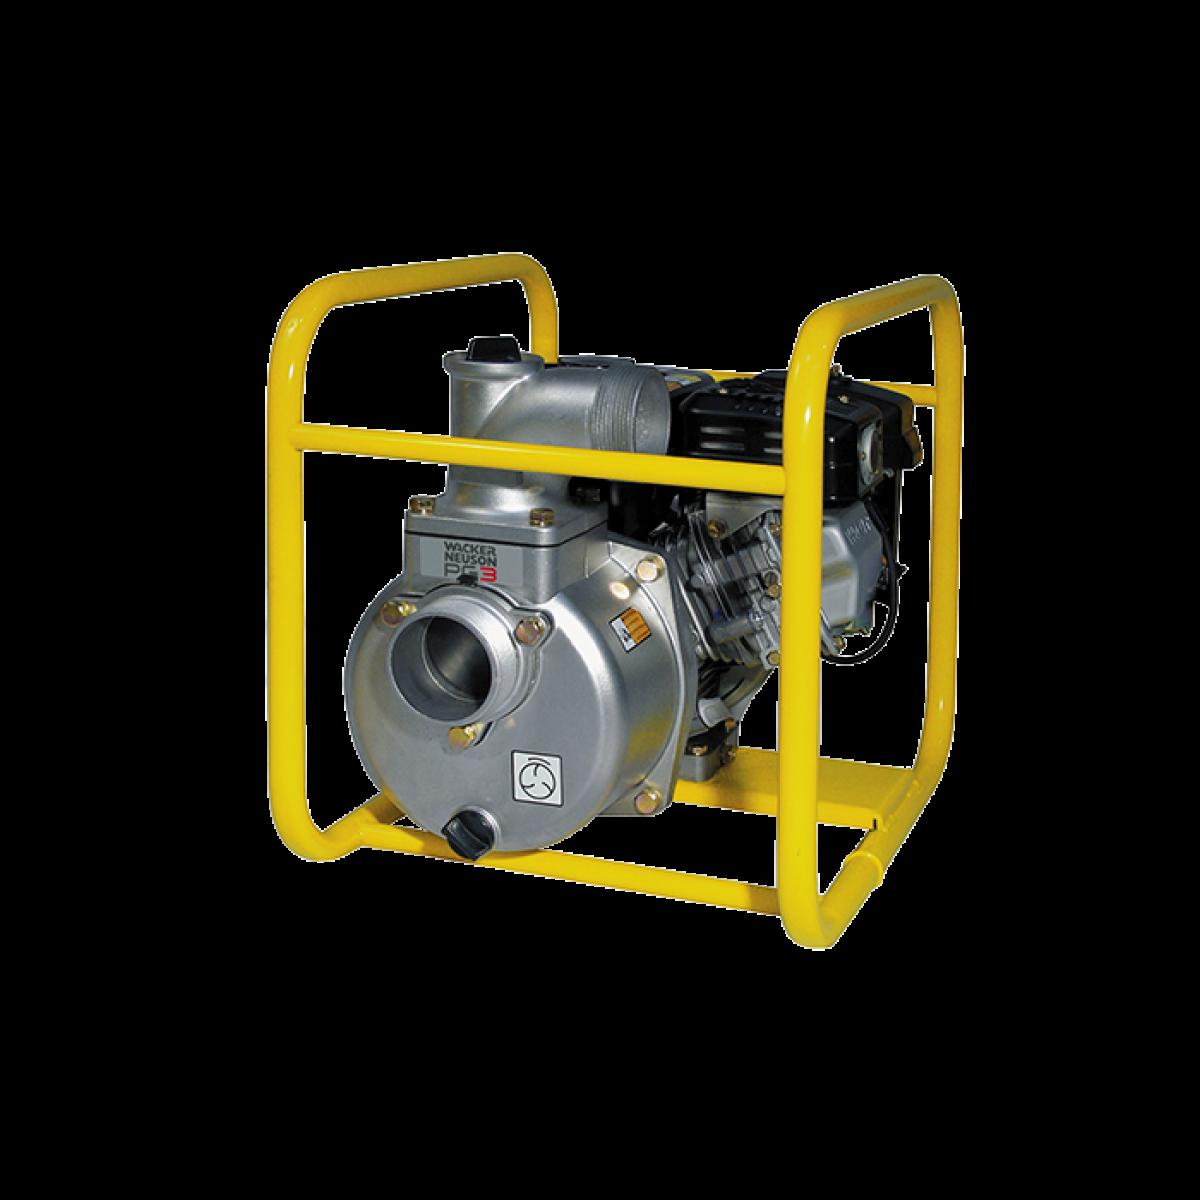 Wacker Honda Pg3a Dewatering Pump